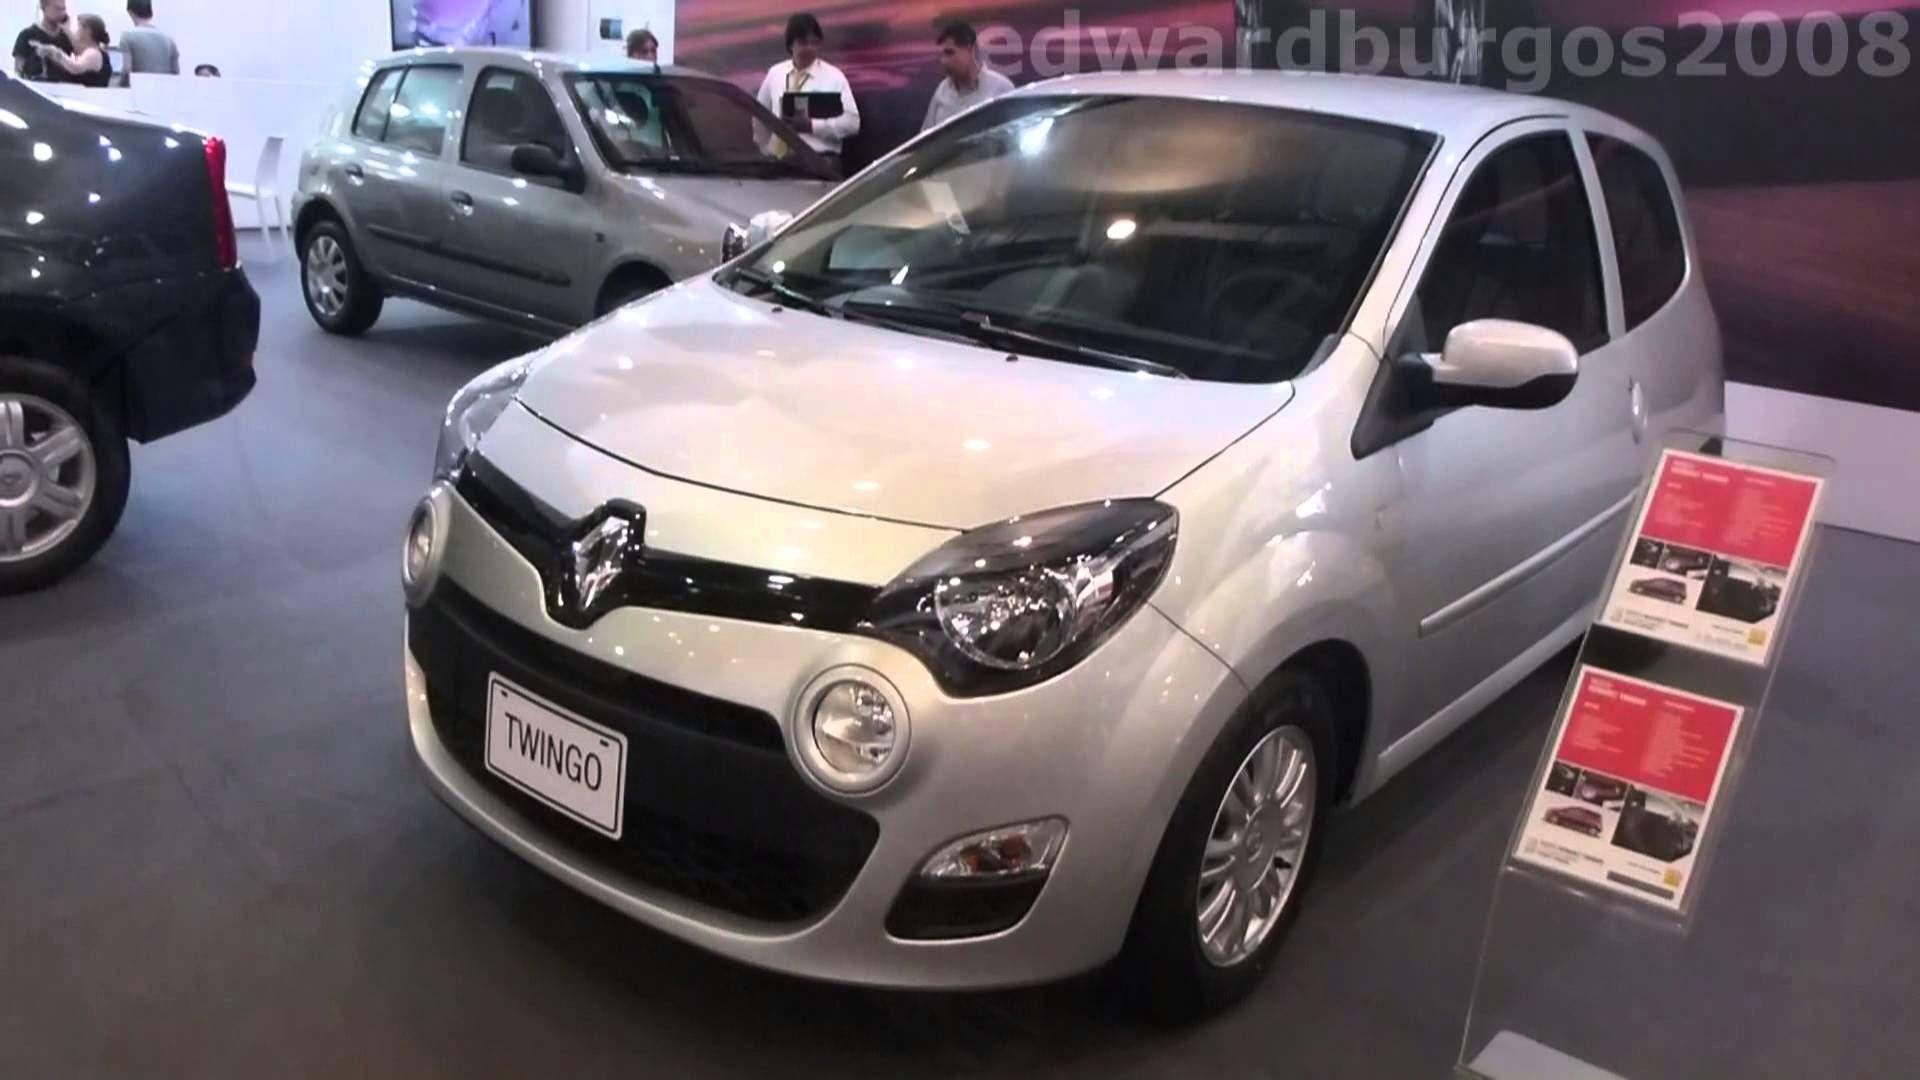 2014 Nuevo Renault Twingo 2014 Video Review Caracteristicas